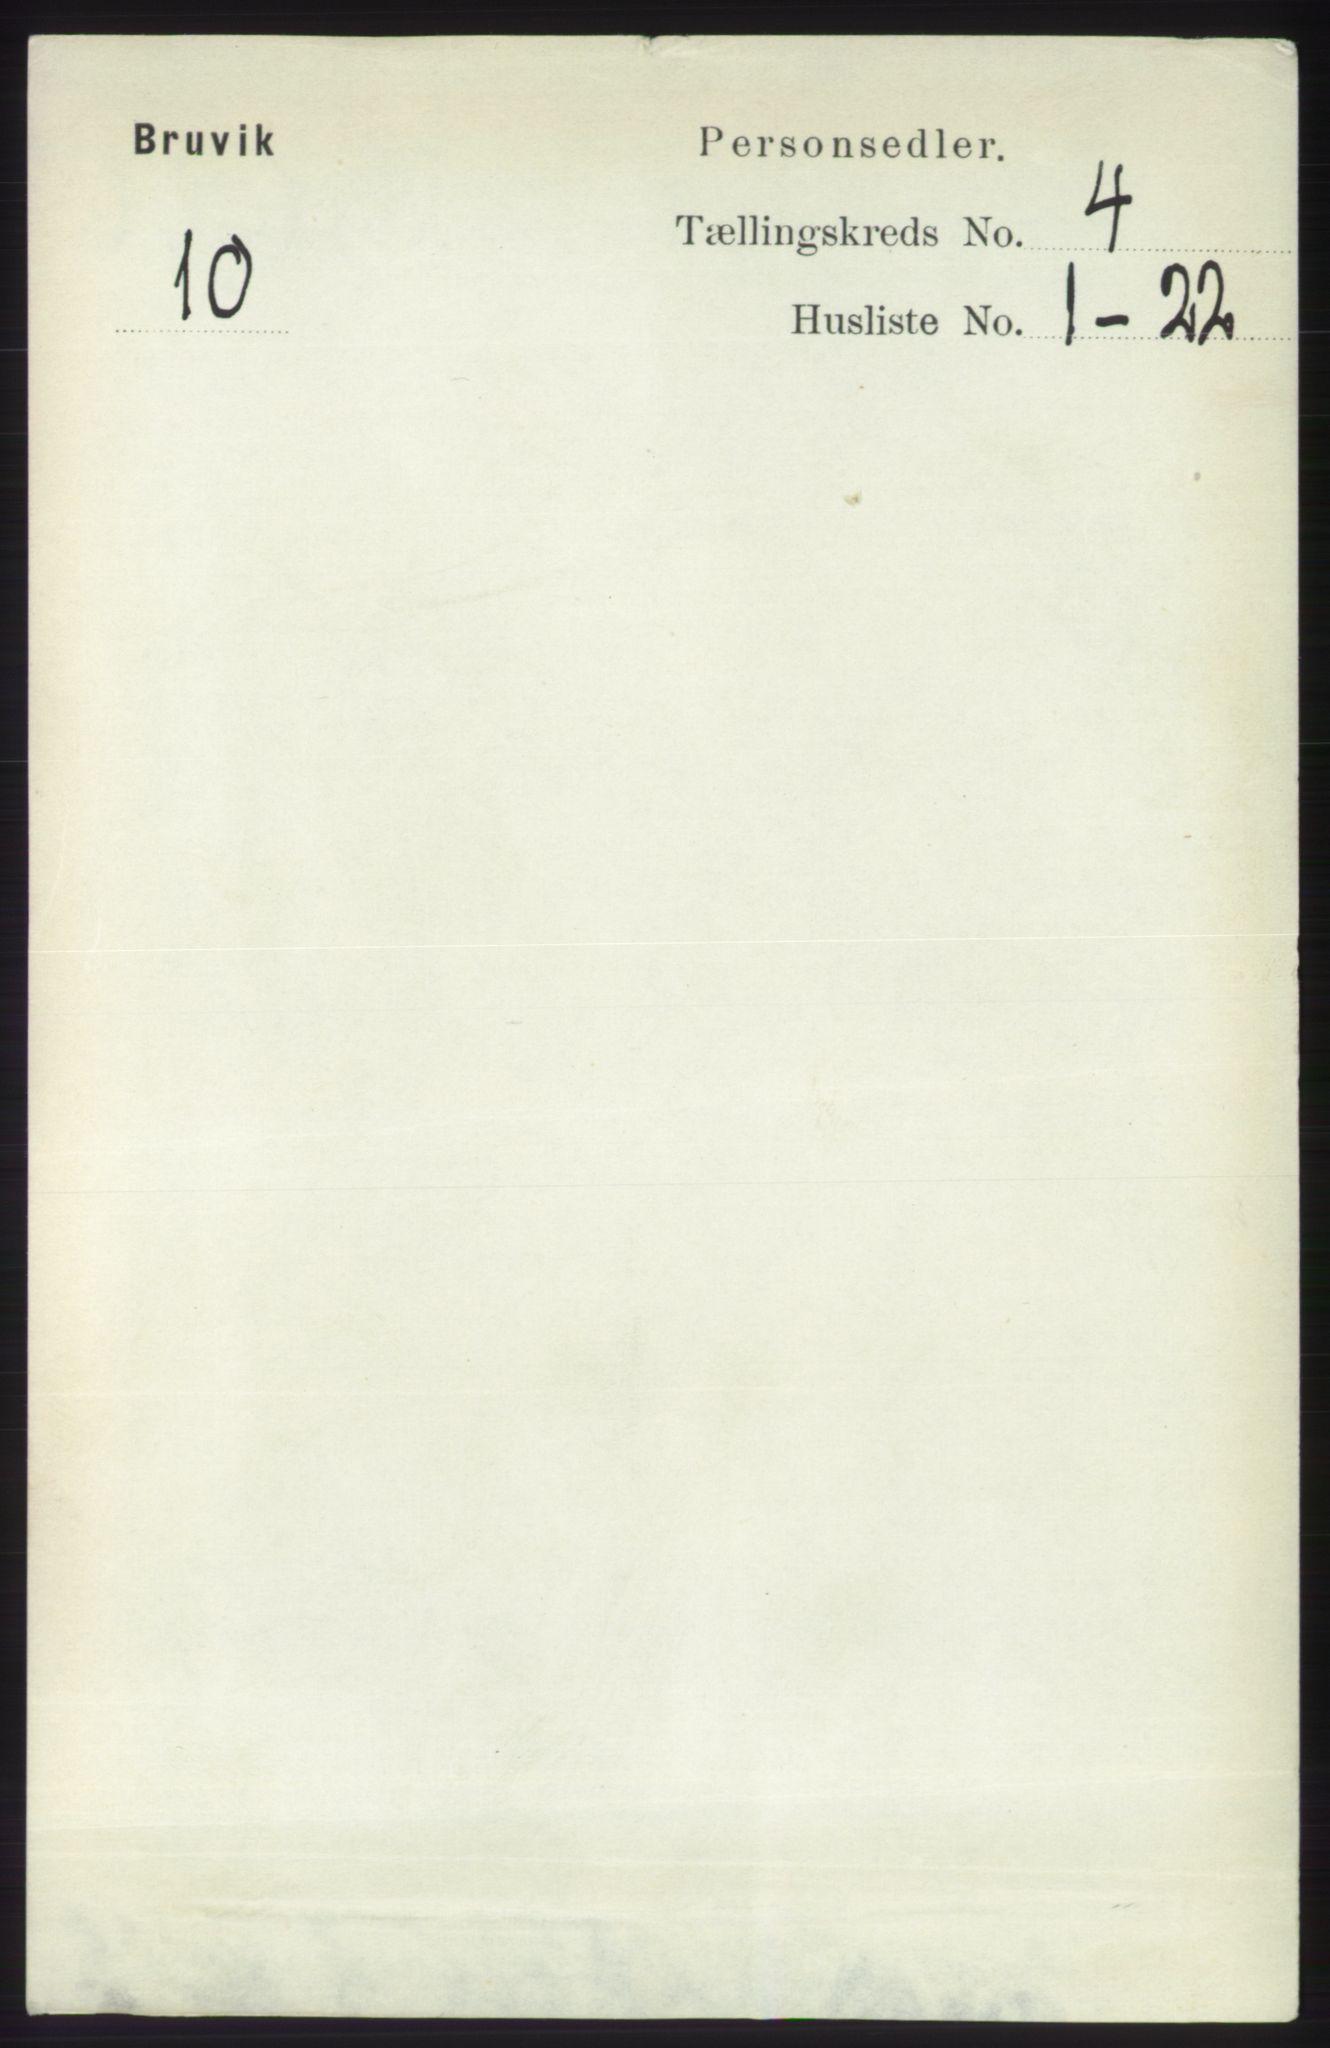 RA, Folketelling 1891 for 1251 Bruvik herred, 1891, s. 1001